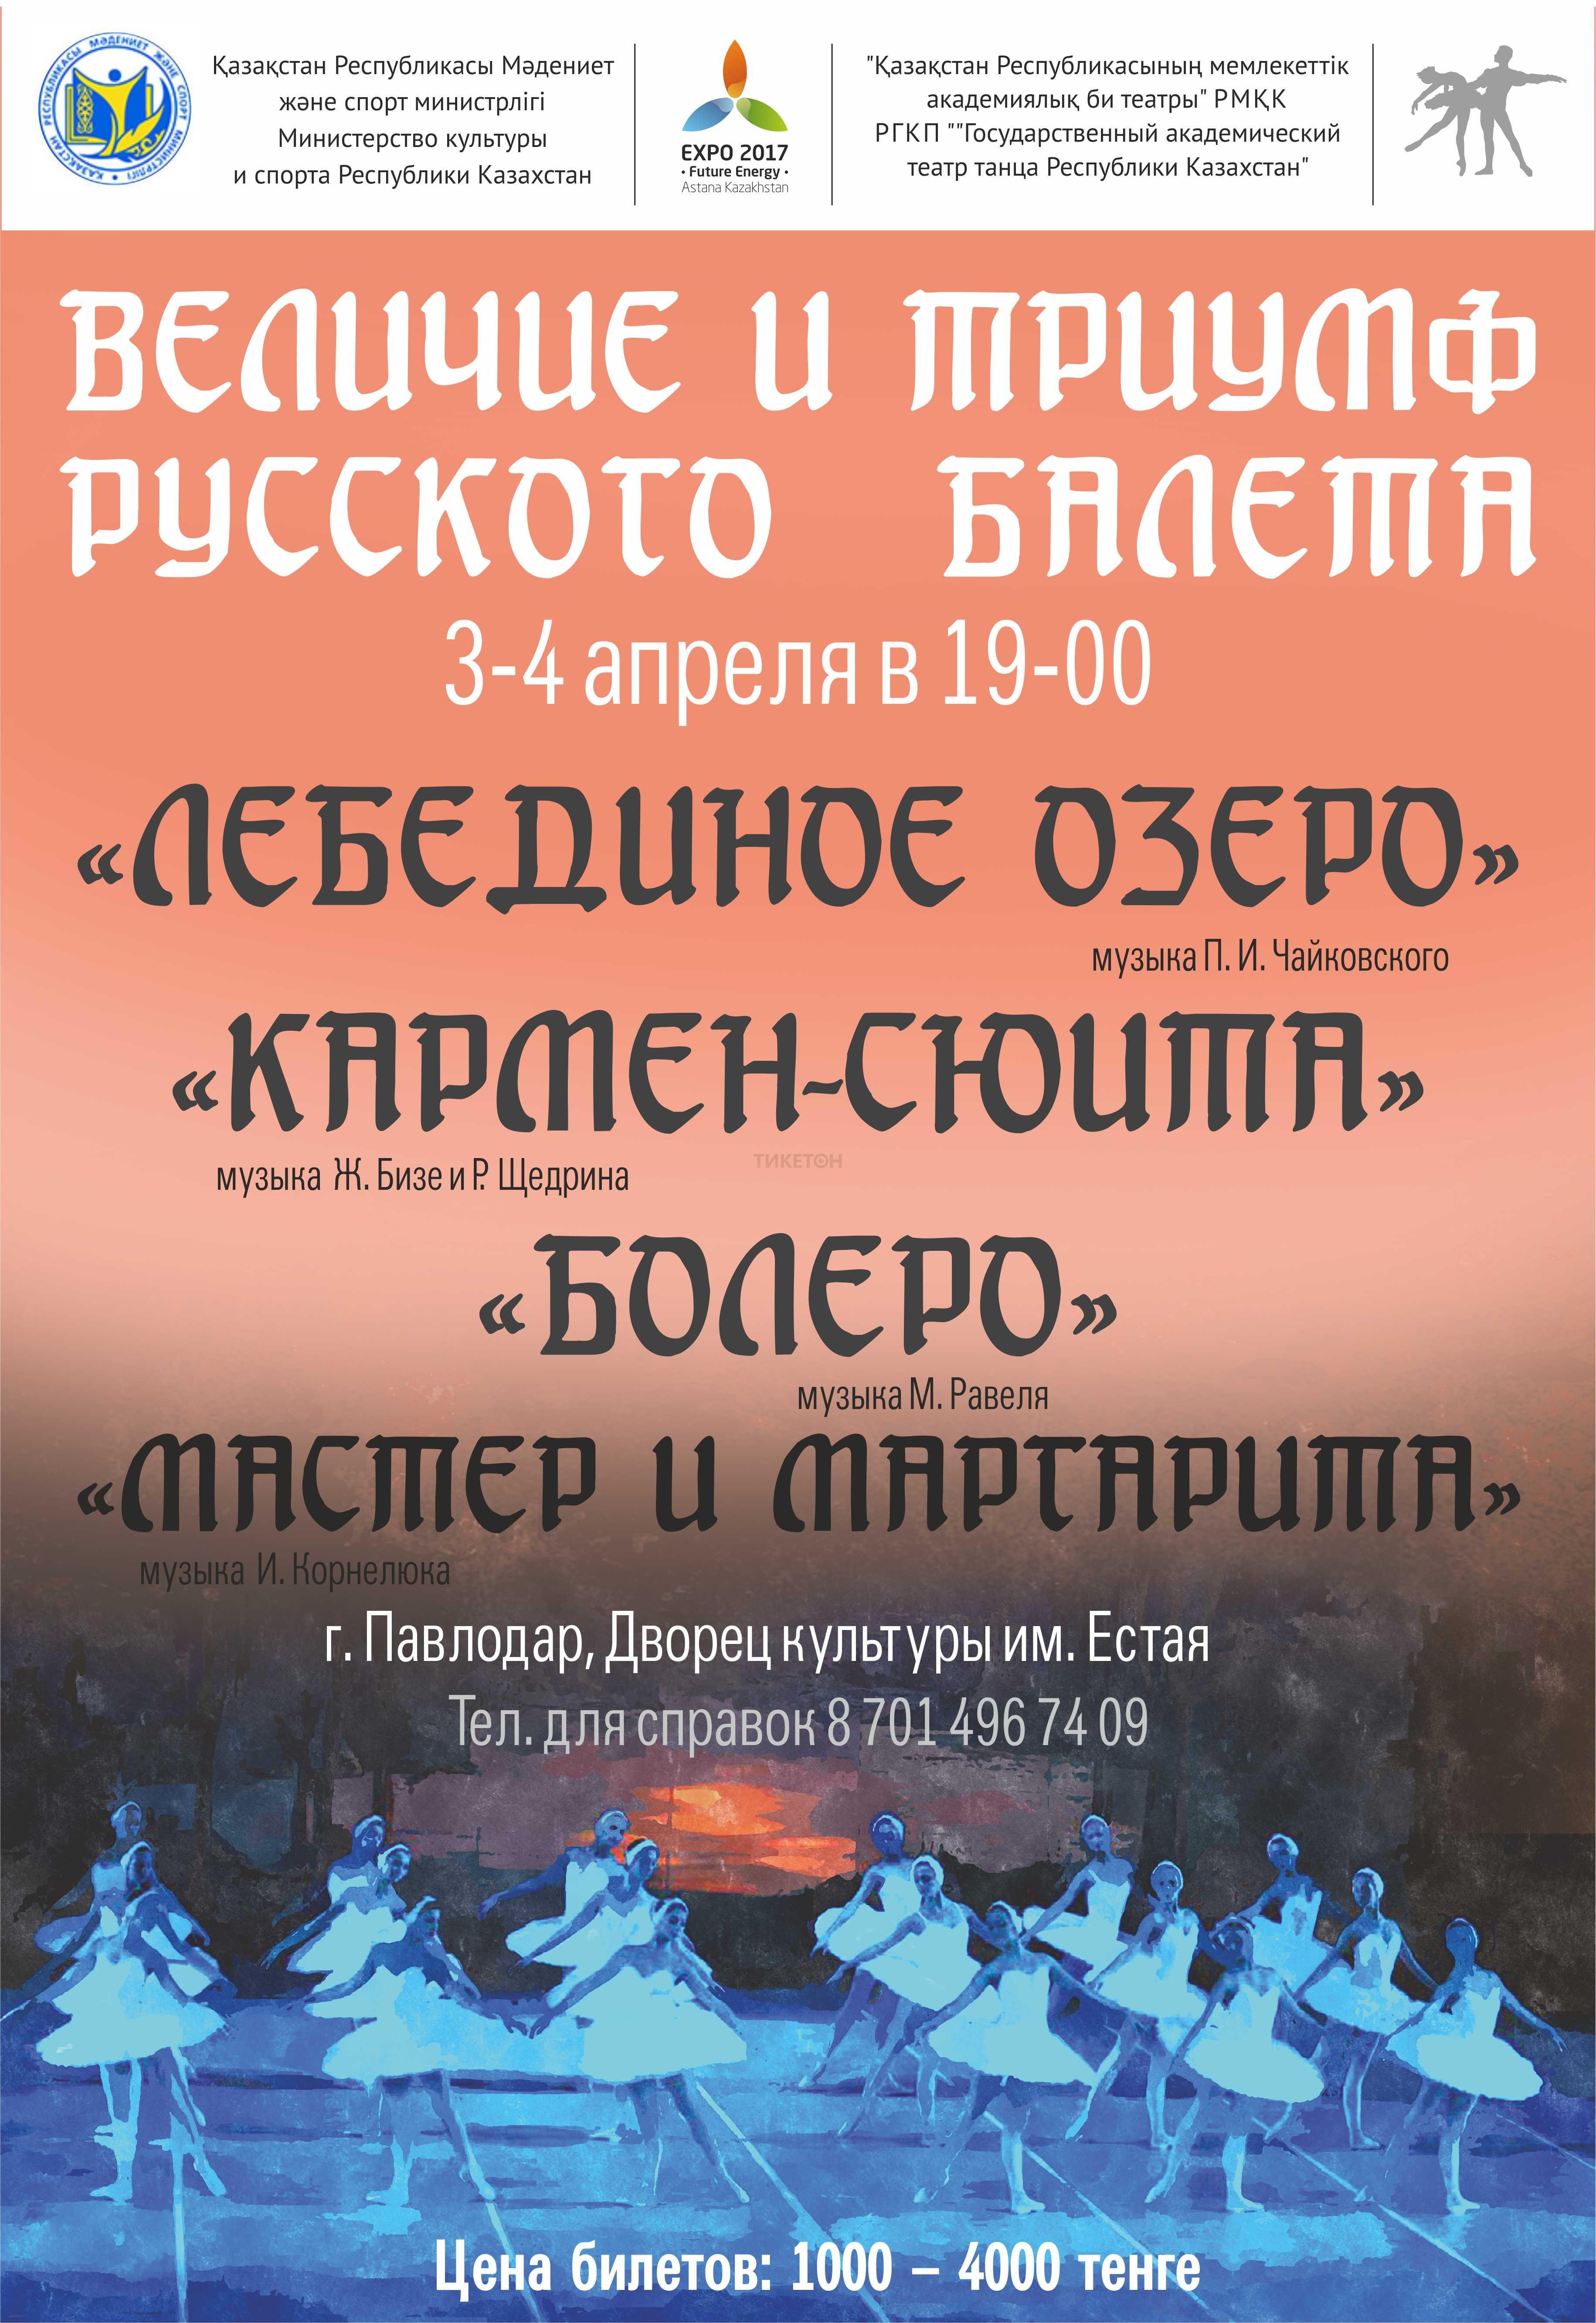 Величие и триумф русского балета в Павлодаре